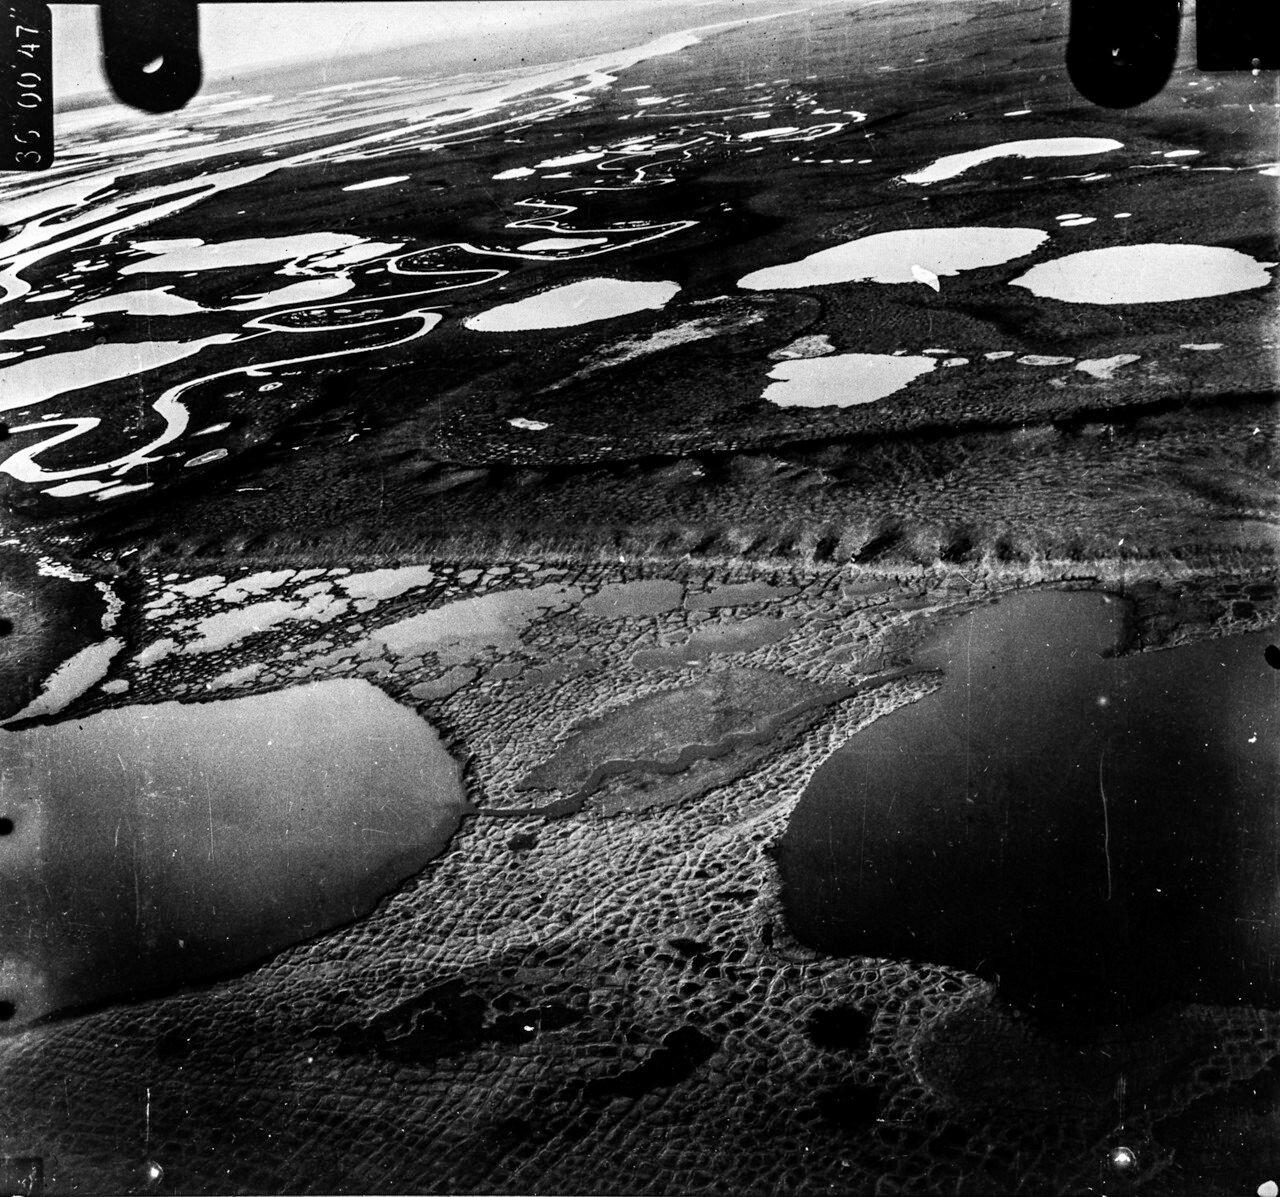 1931. Таймыр. Вид с воздуха на тундровый ландшафт на озере Таймыр